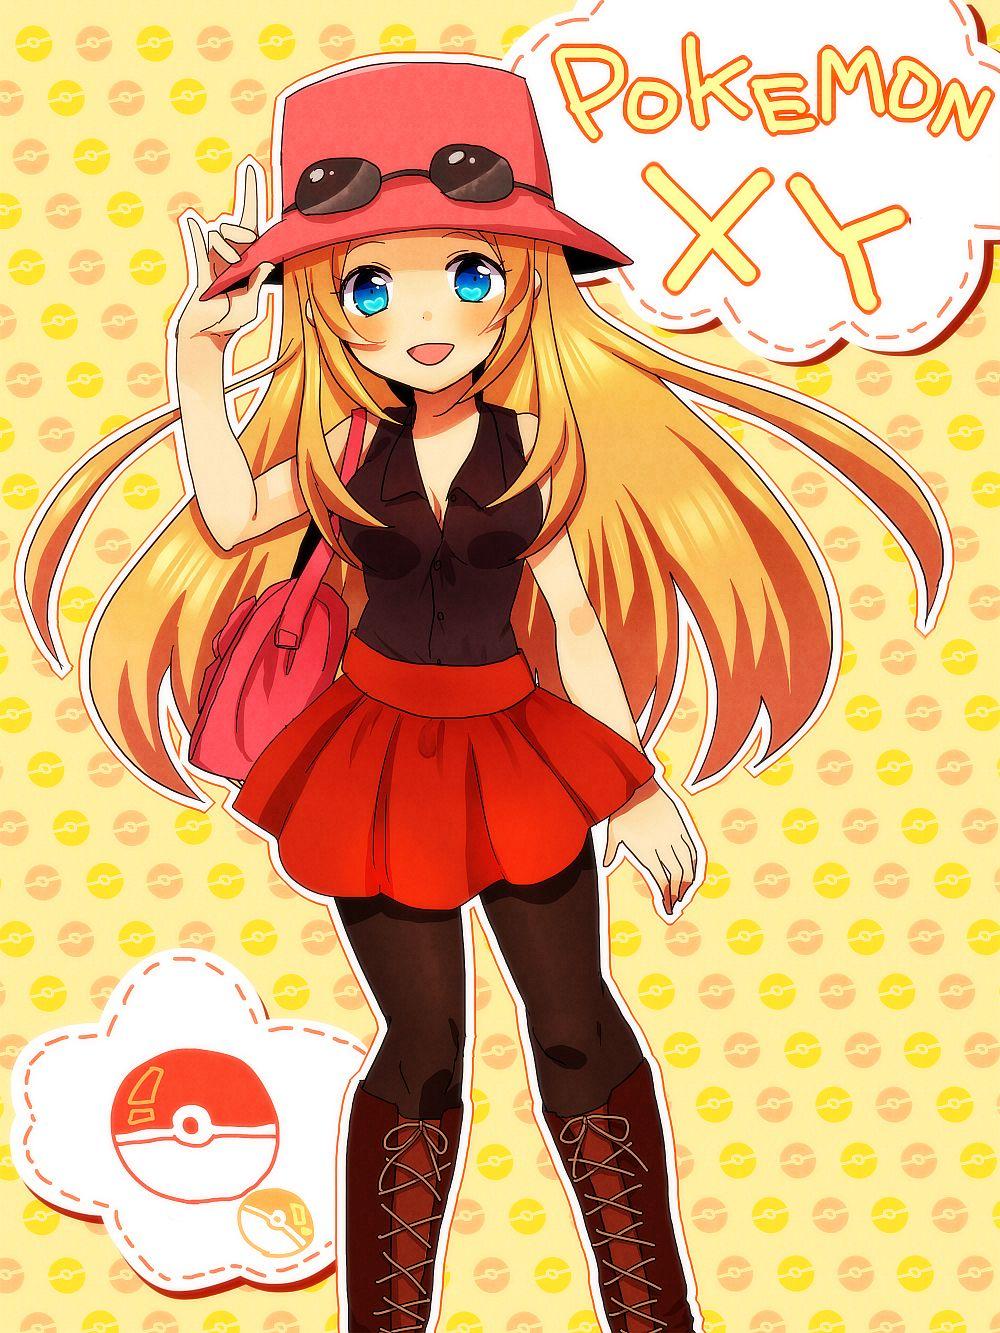 Female Protagonist (Pokémon X Y)